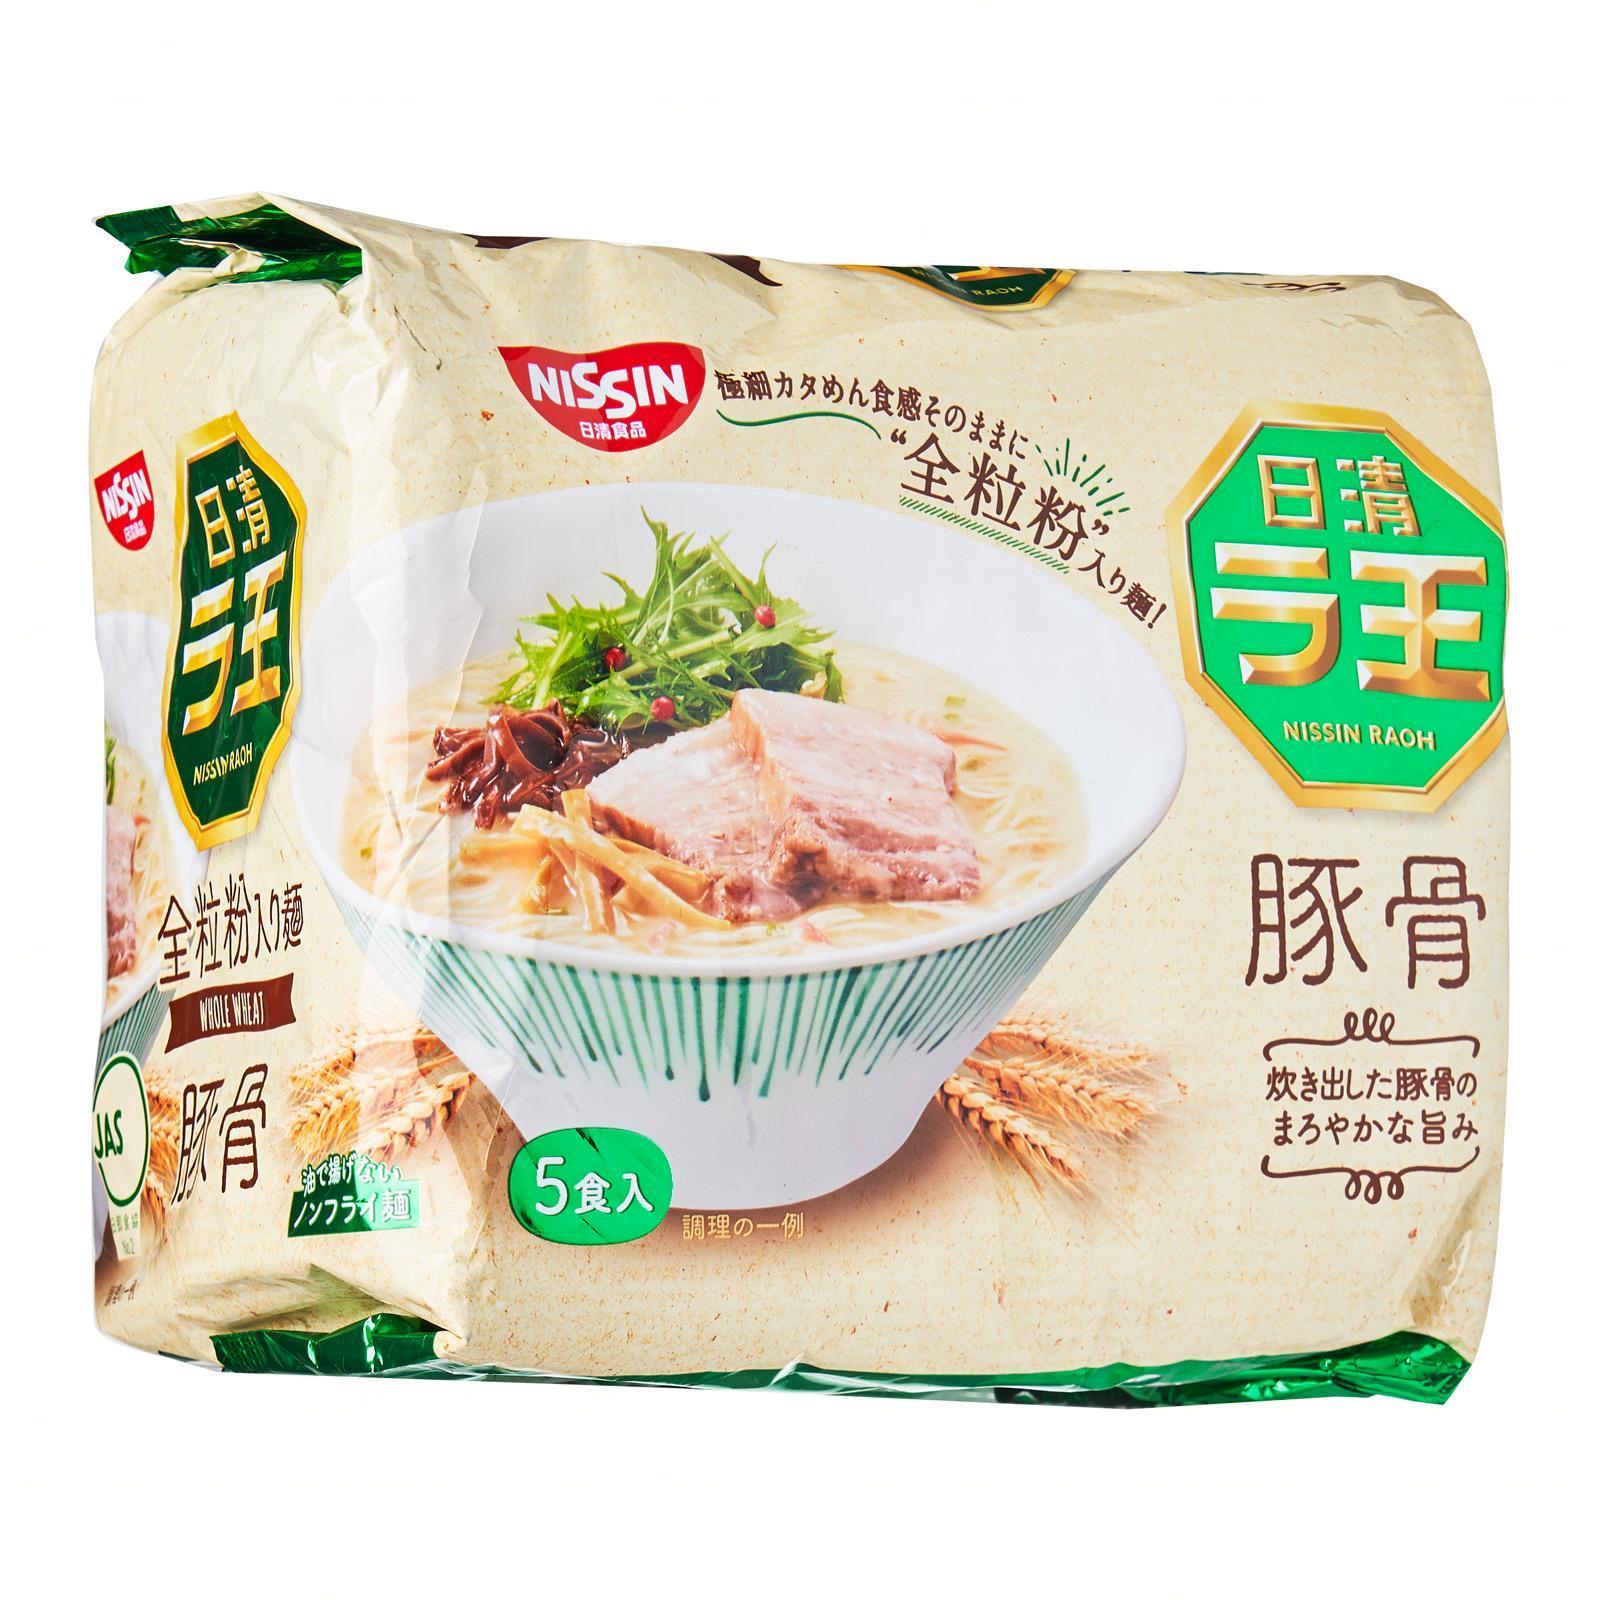 Nissin RA-OH Pork Bone Flavored Instant Ramen Noodles